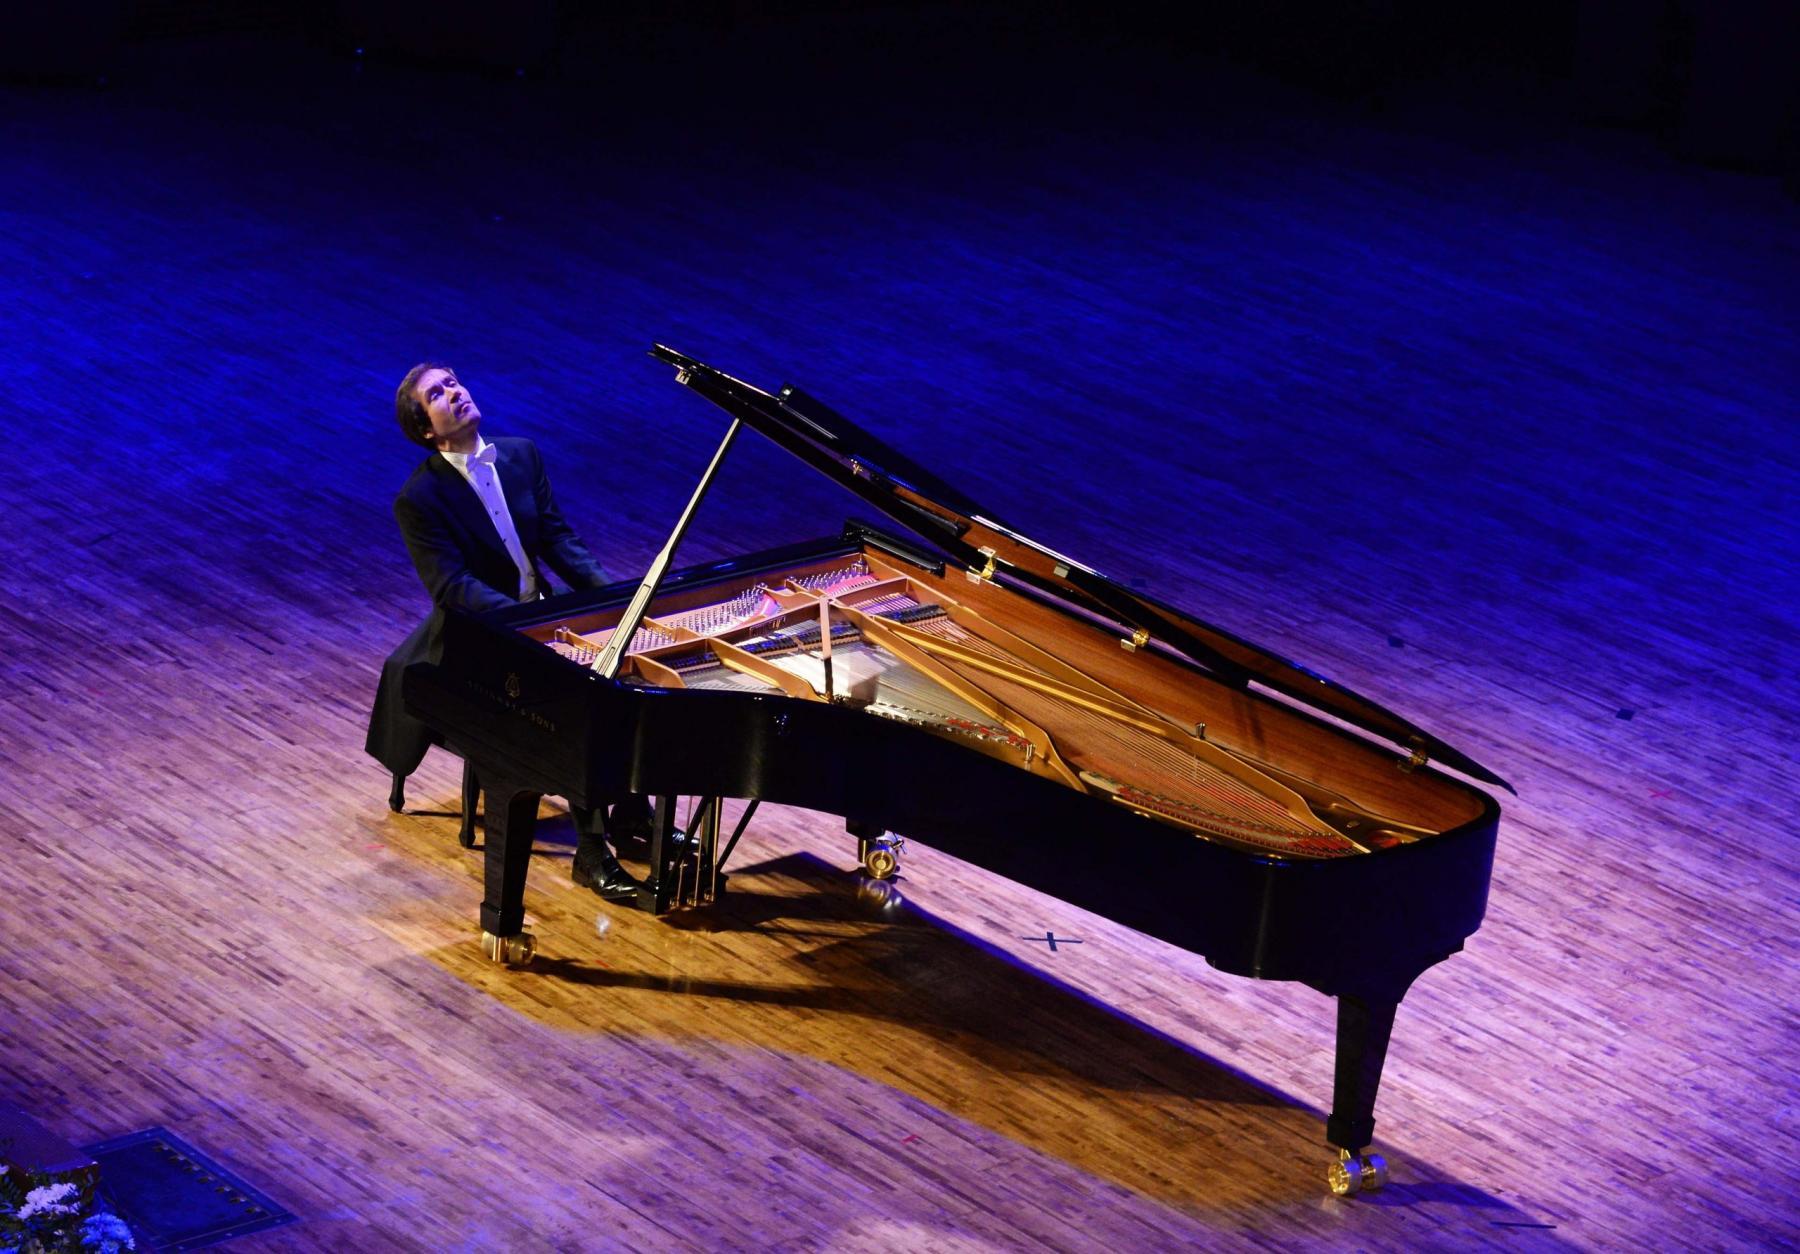 фото Николай Луганский выступит на сцене Новосибирской филармонии в рамках Транссибирского Арт-Фестиваля 2